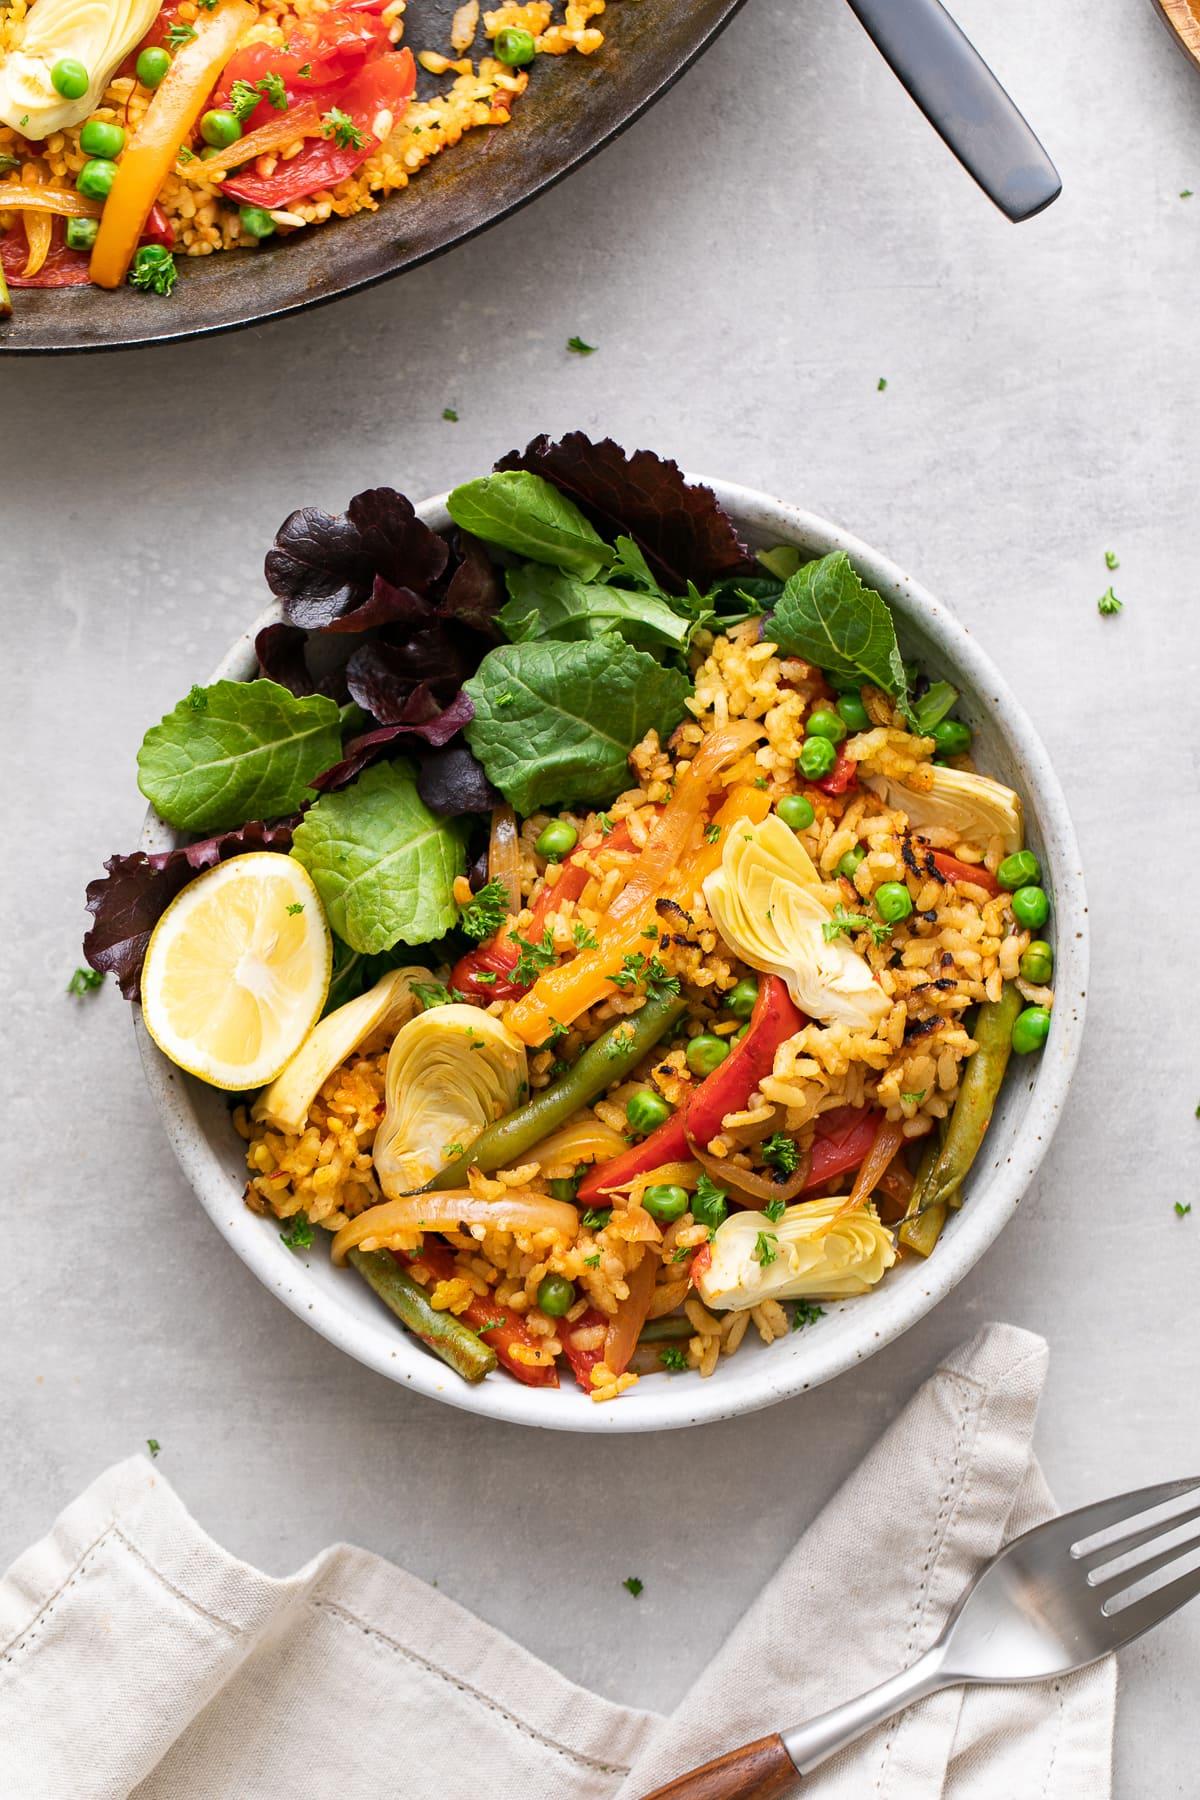 vista de arriba hacia abajo del tazón con verduras de hoja verde cubiertas con una porción de paella vegana vegetariana.